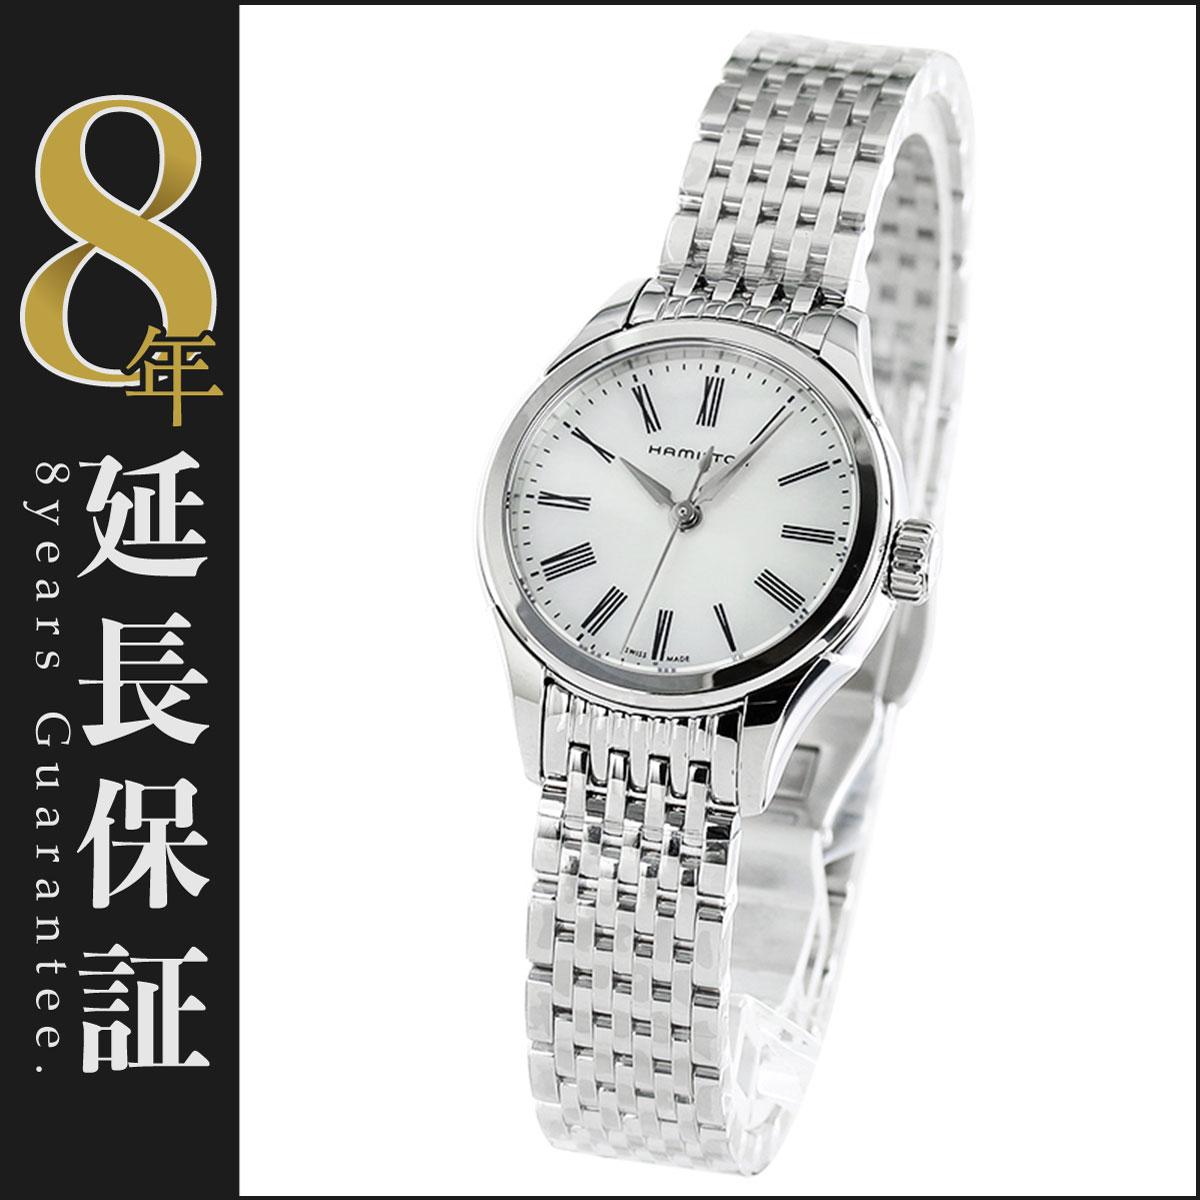 ハミルトン HAMILTON 腕時計 バリアント レディース H39251194_8